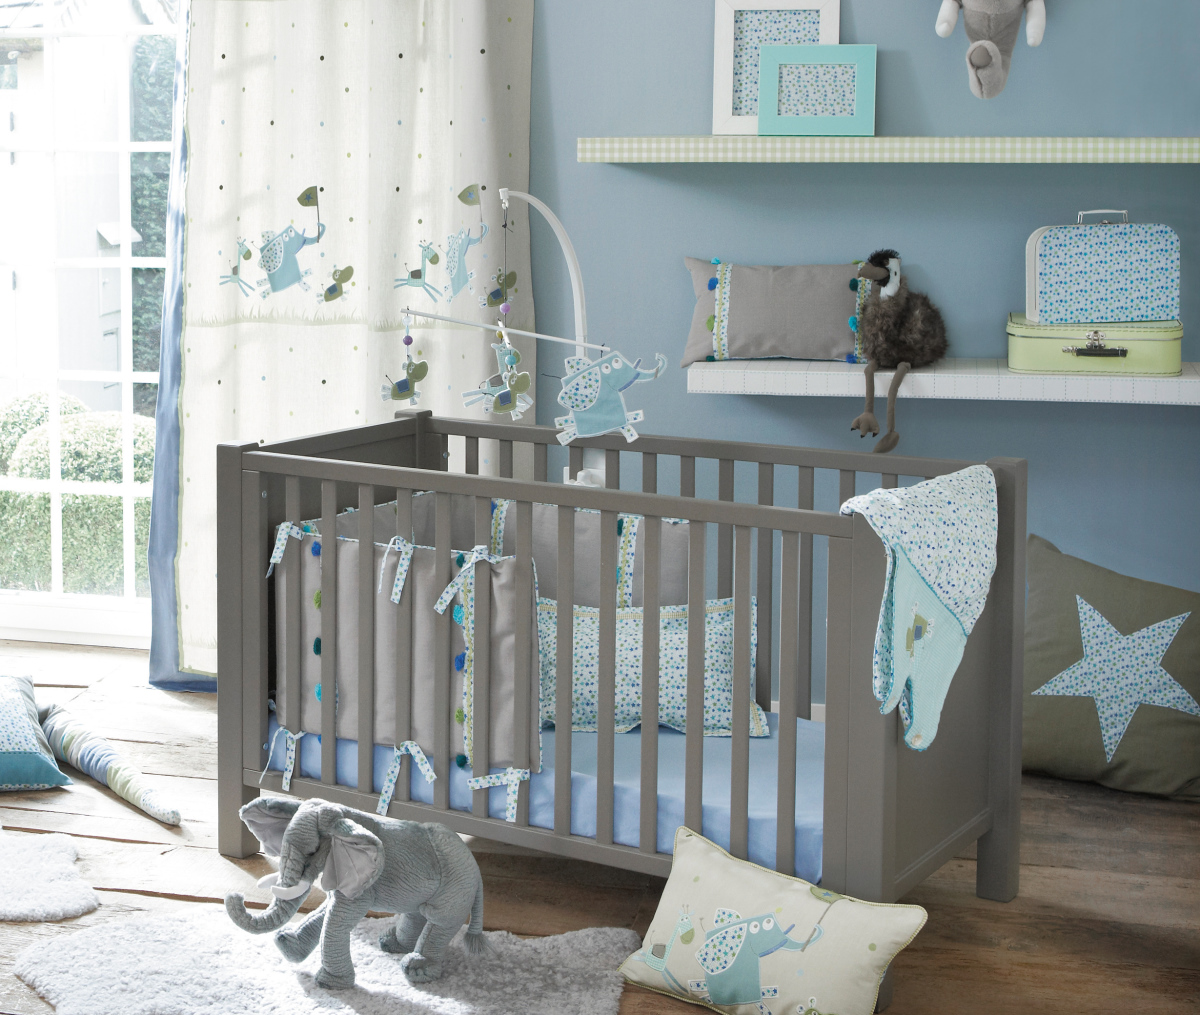 Kinderzimmer In Grau Bescheiden On Andere Beabsichtigt Camengo Kinderstoff Sternchen Blau Lollipops Bei Fantasyroom 8